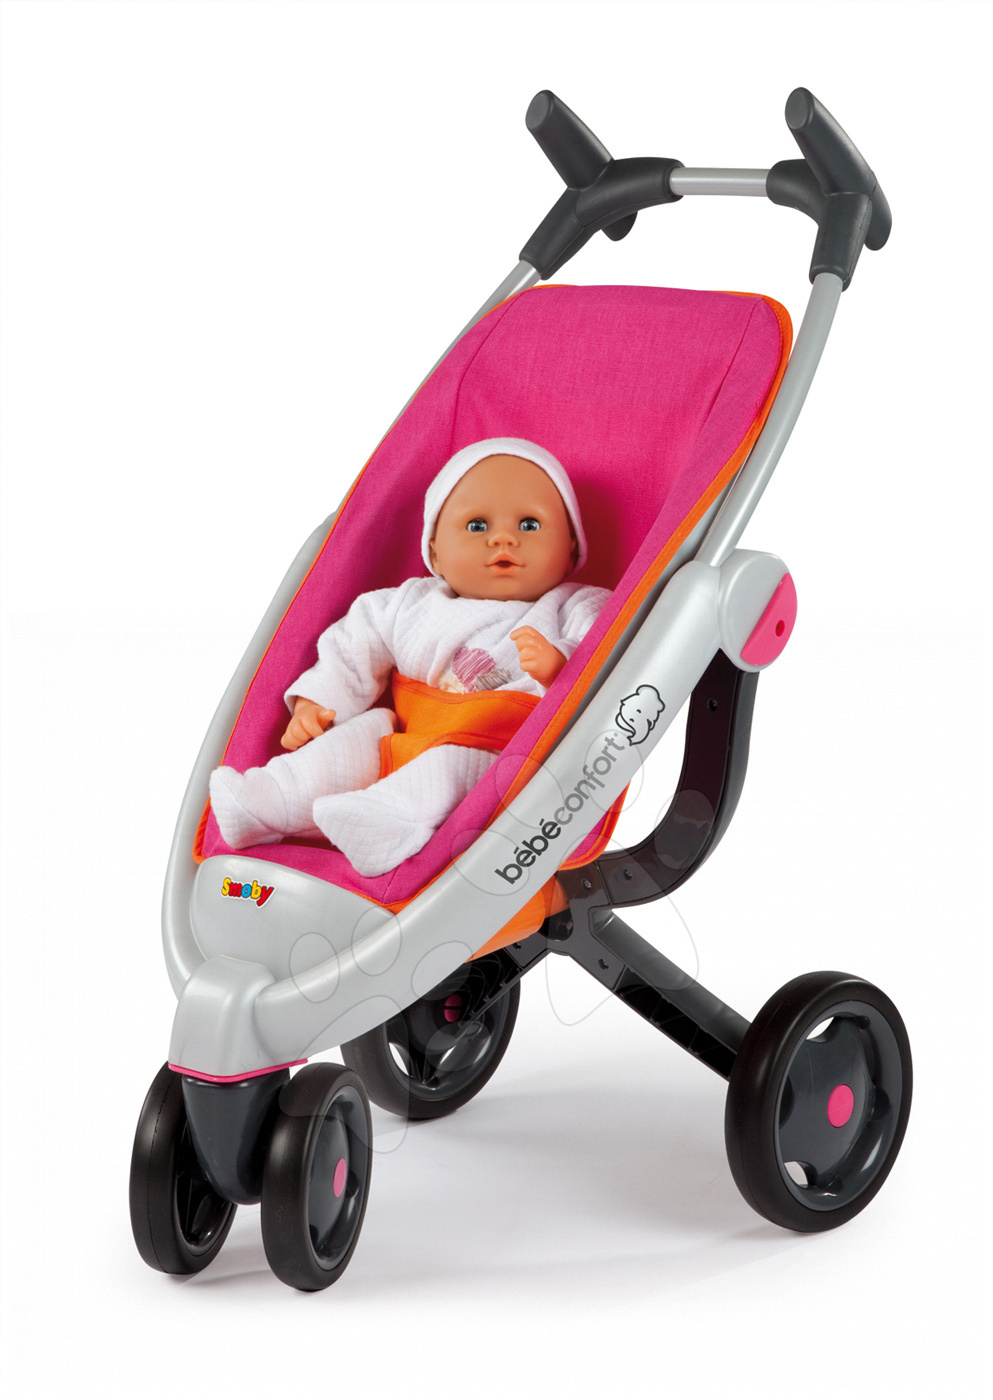 Cărucioare pentru păpuși  - Cărucior pentru păpuşă Maxi Cosi&Quinny Smoby sport buggy (70 cm mâner de împins) roz-portocaliu